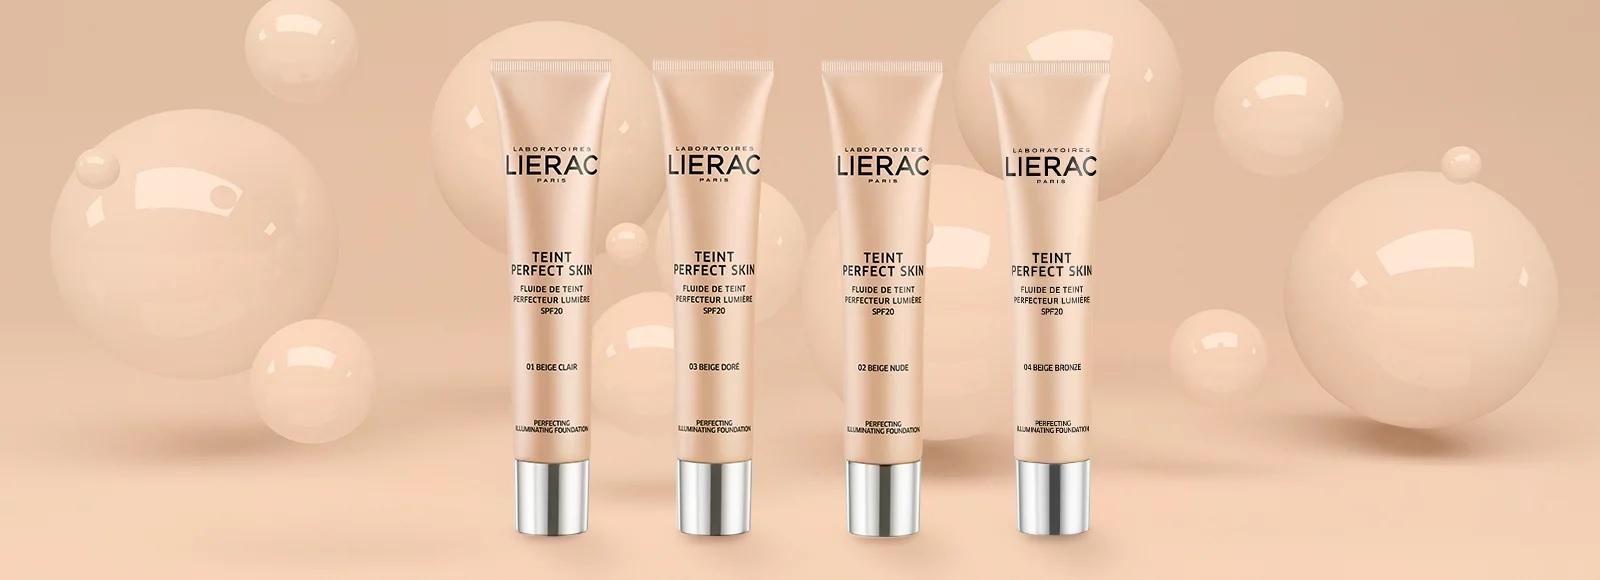 Lierac Teint Perfect Skin Spf20